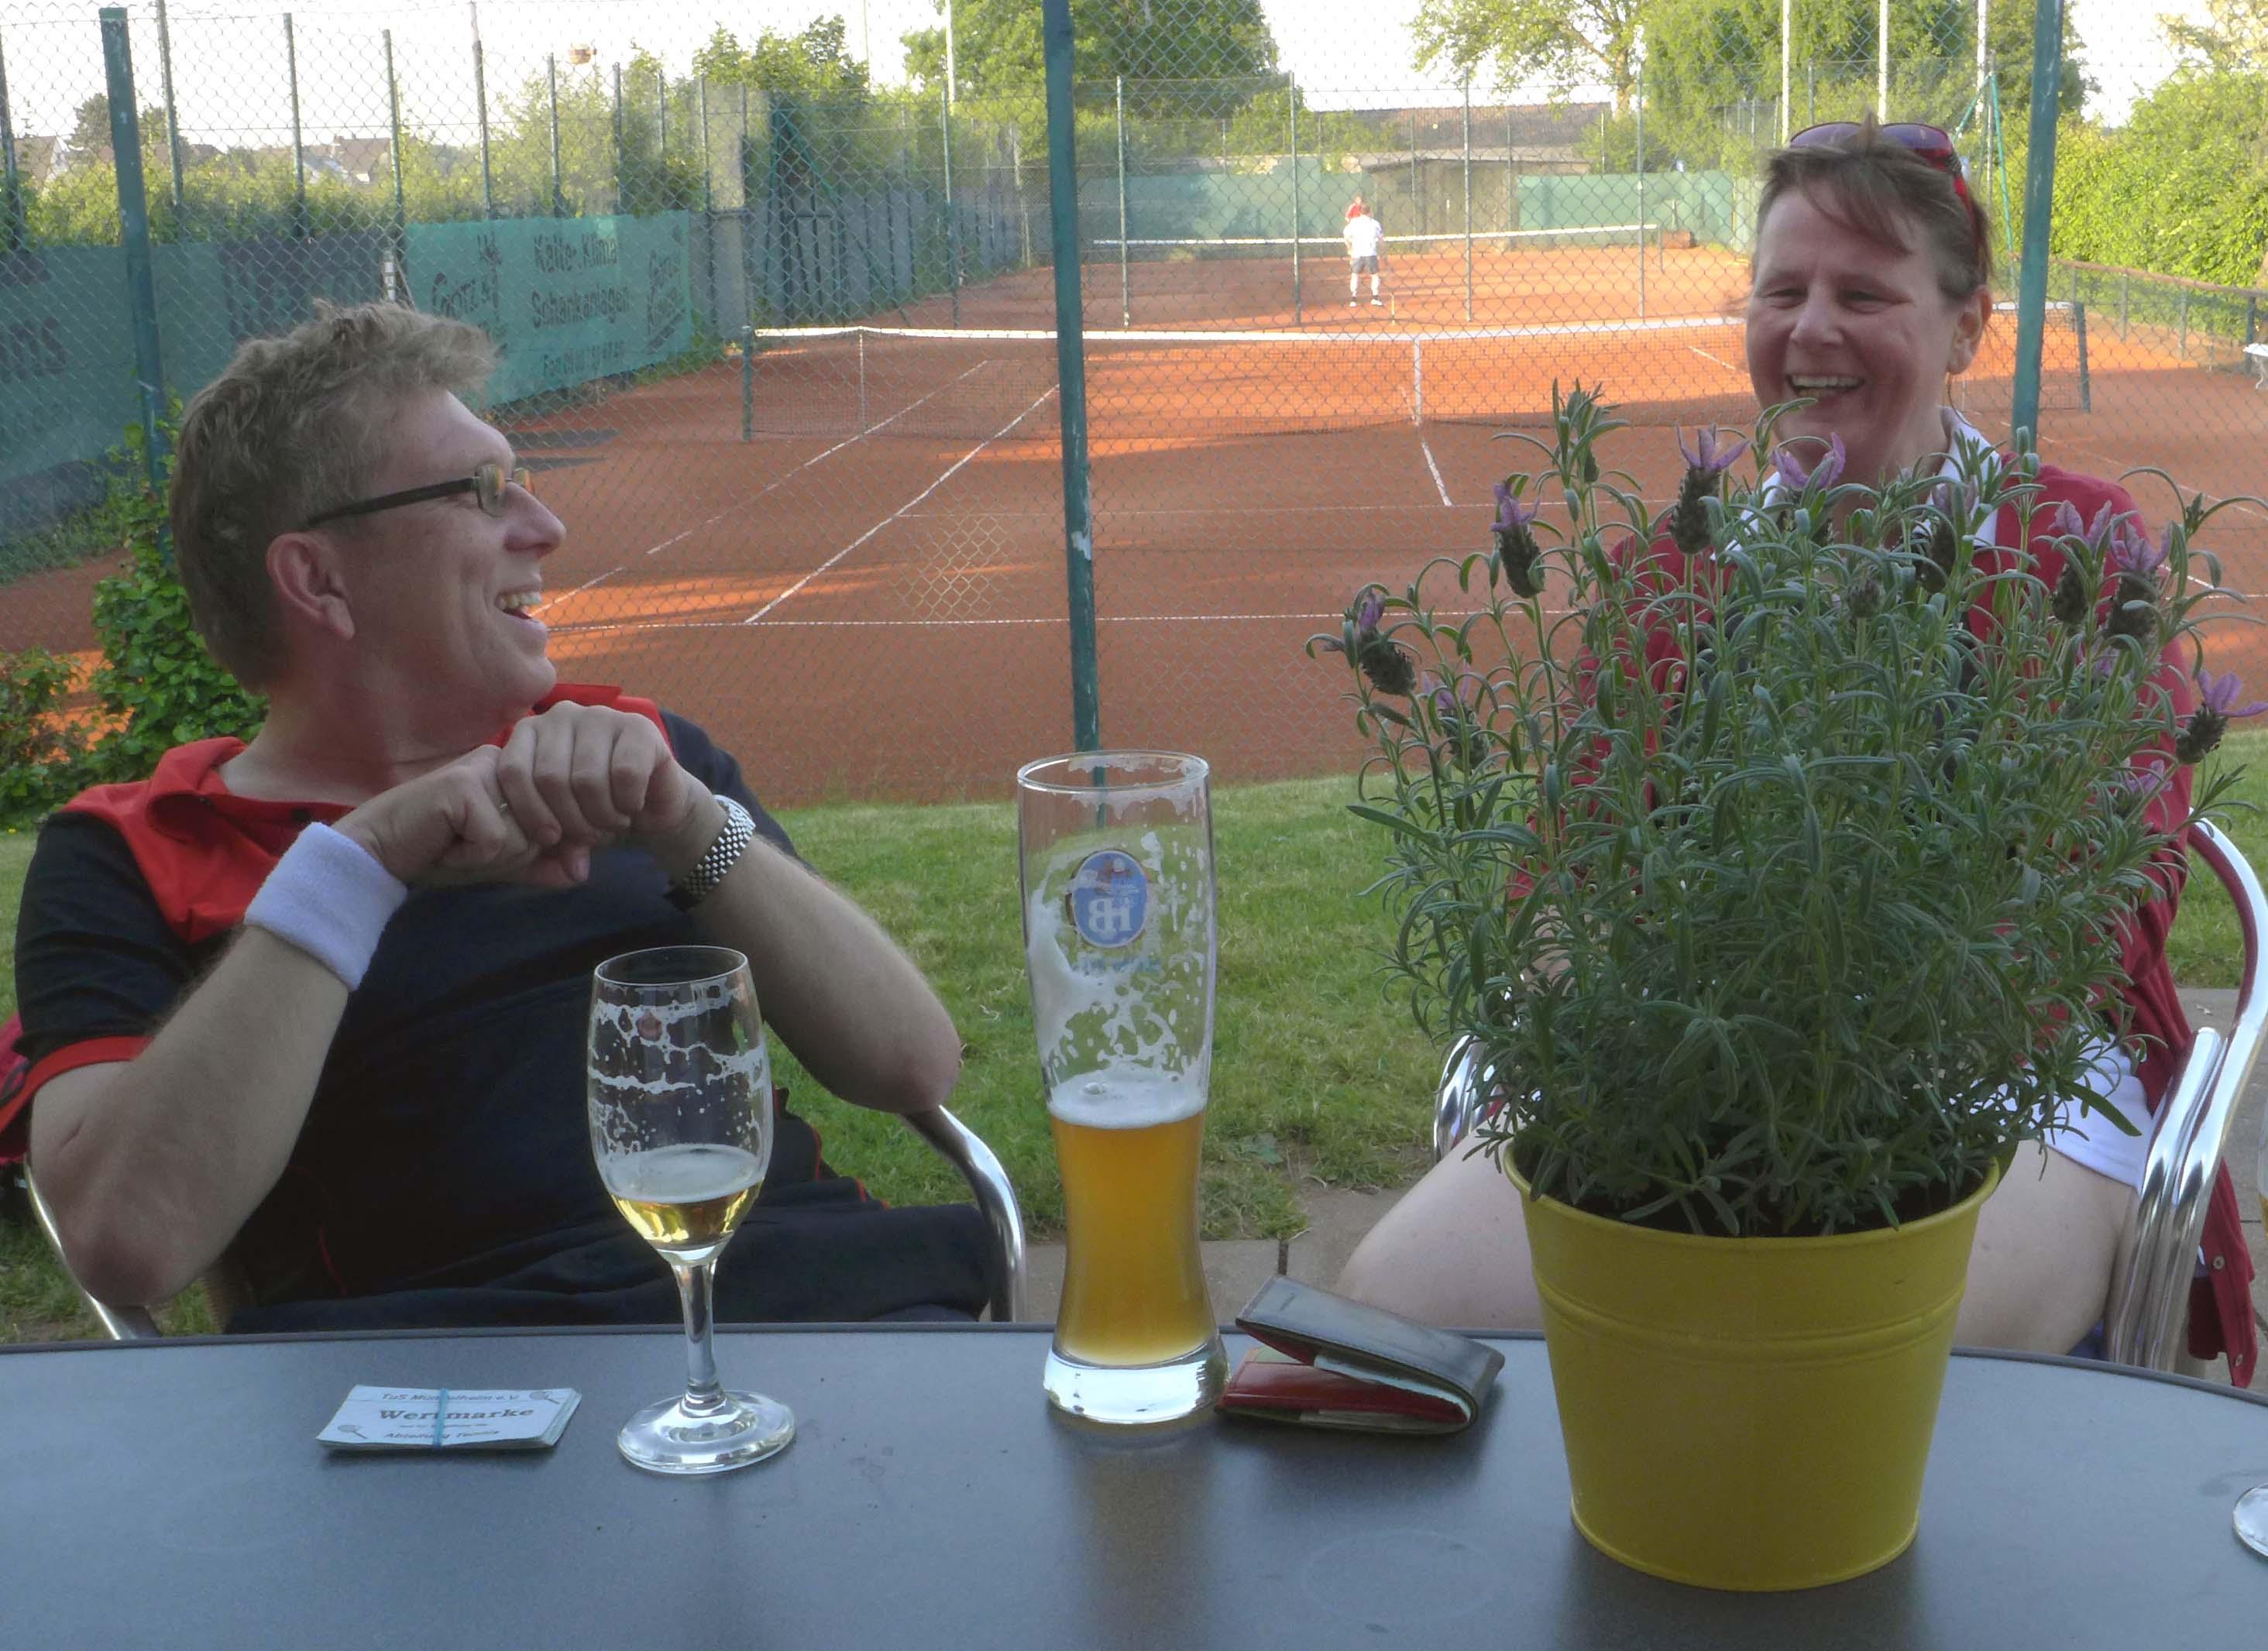 238-tennis-homepage